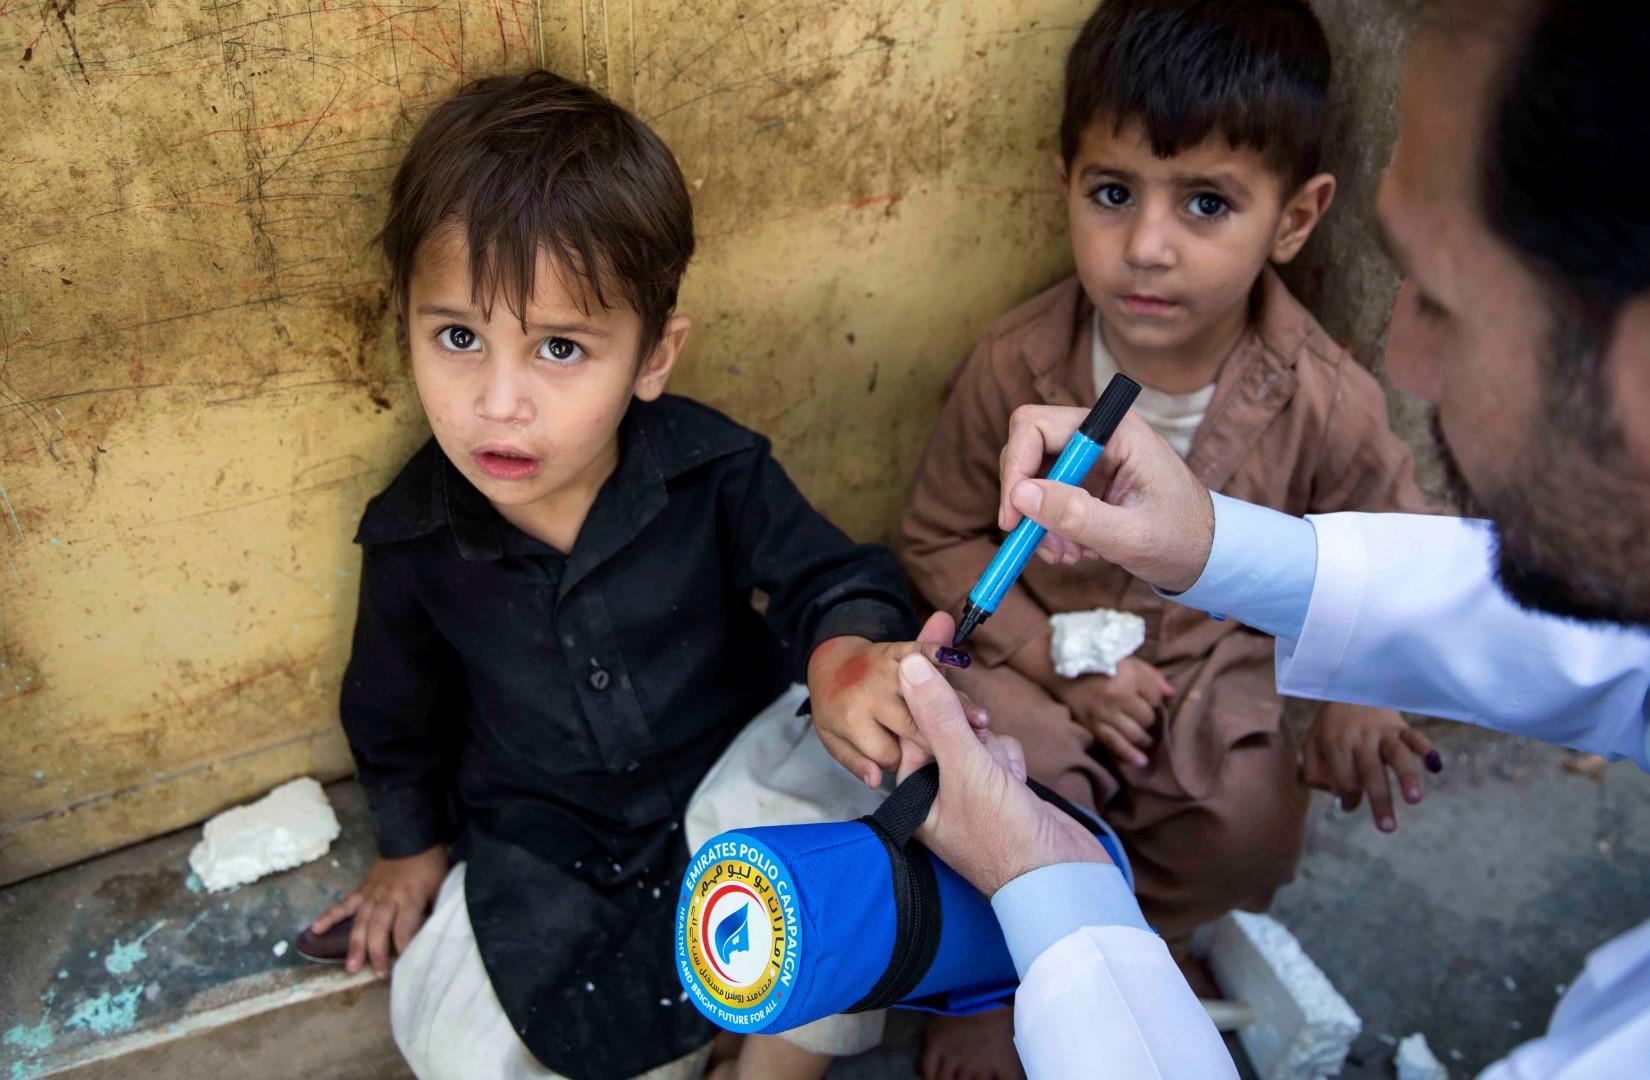 بتوجيهات رئيس الدولة .. أكثر من 43 مليون طفل باكستاني حصلوا على ربع مليار جرعة تطعيم ضد شلل الأطفال. 6